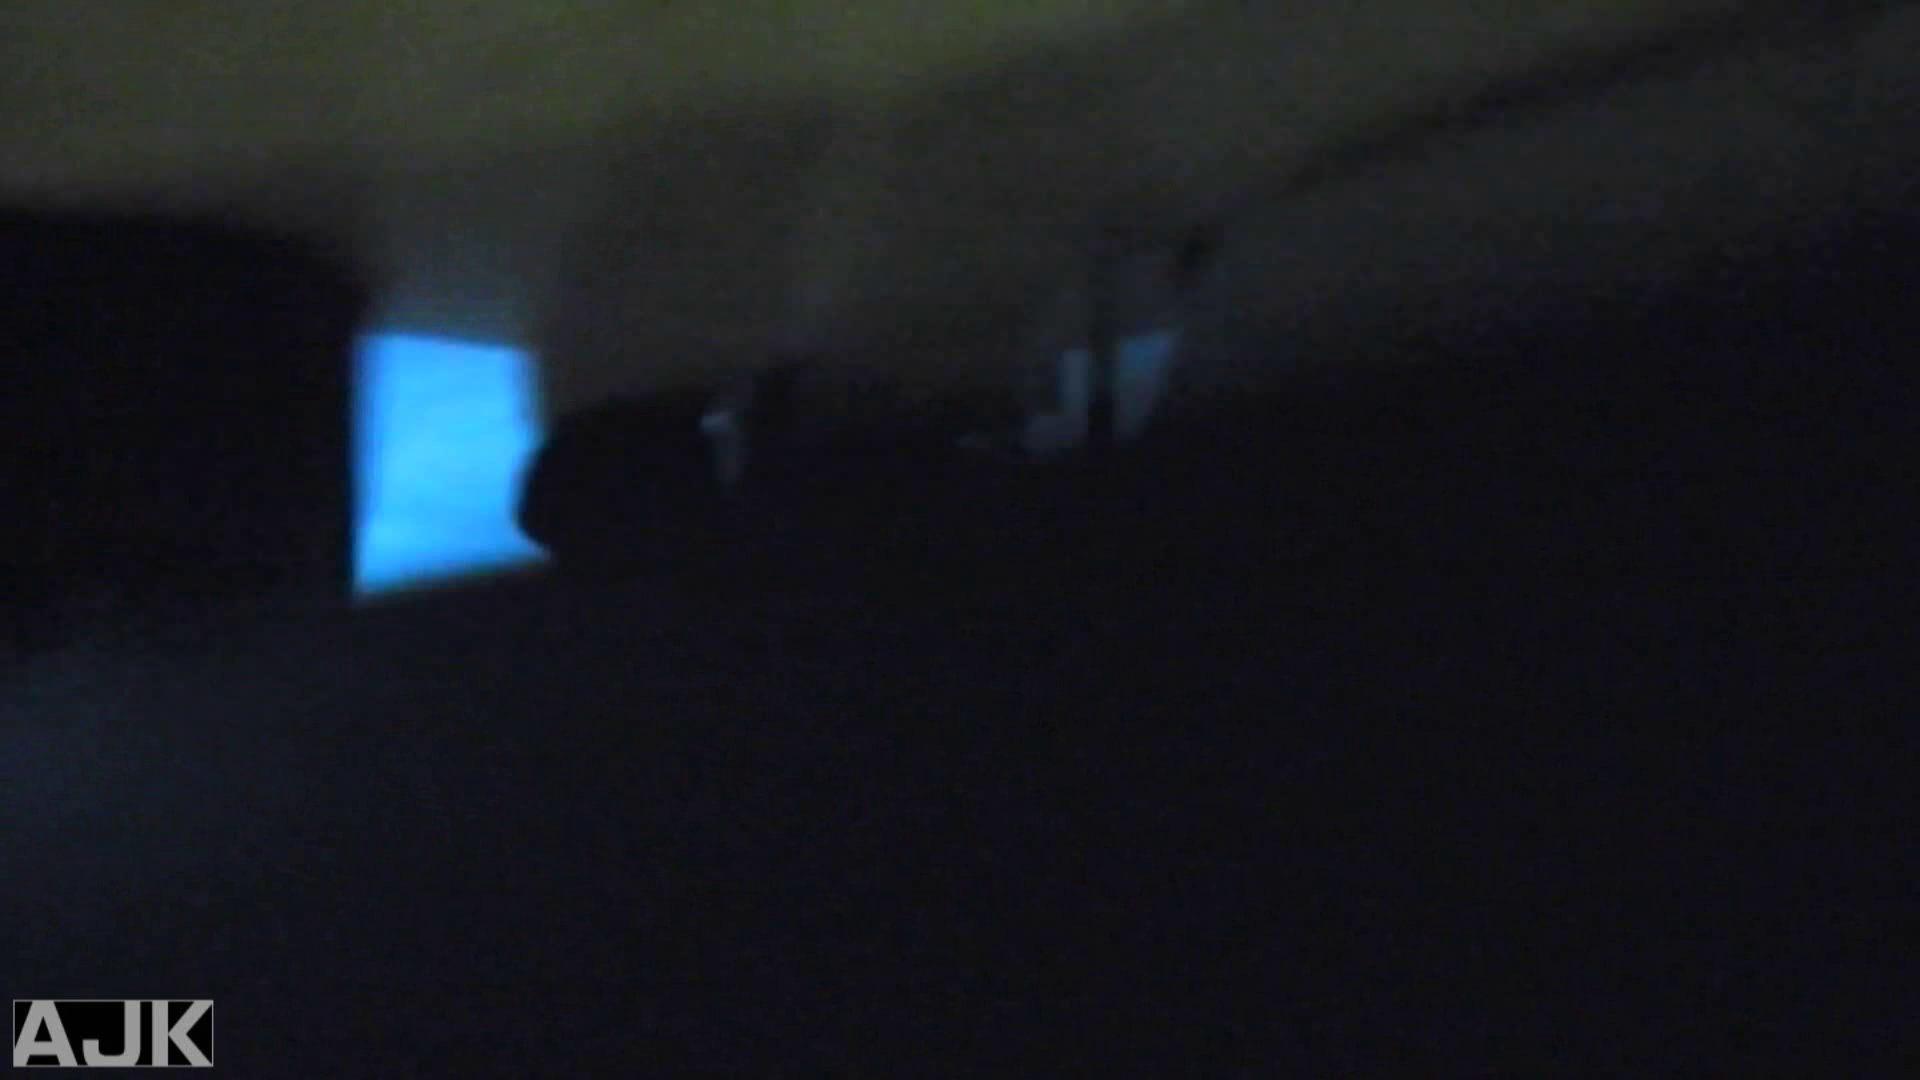 神降臨!史上最強の潜入かわや! vol.21 美しいOLの裸体 ワレメ無修正動画無料 103pic 93